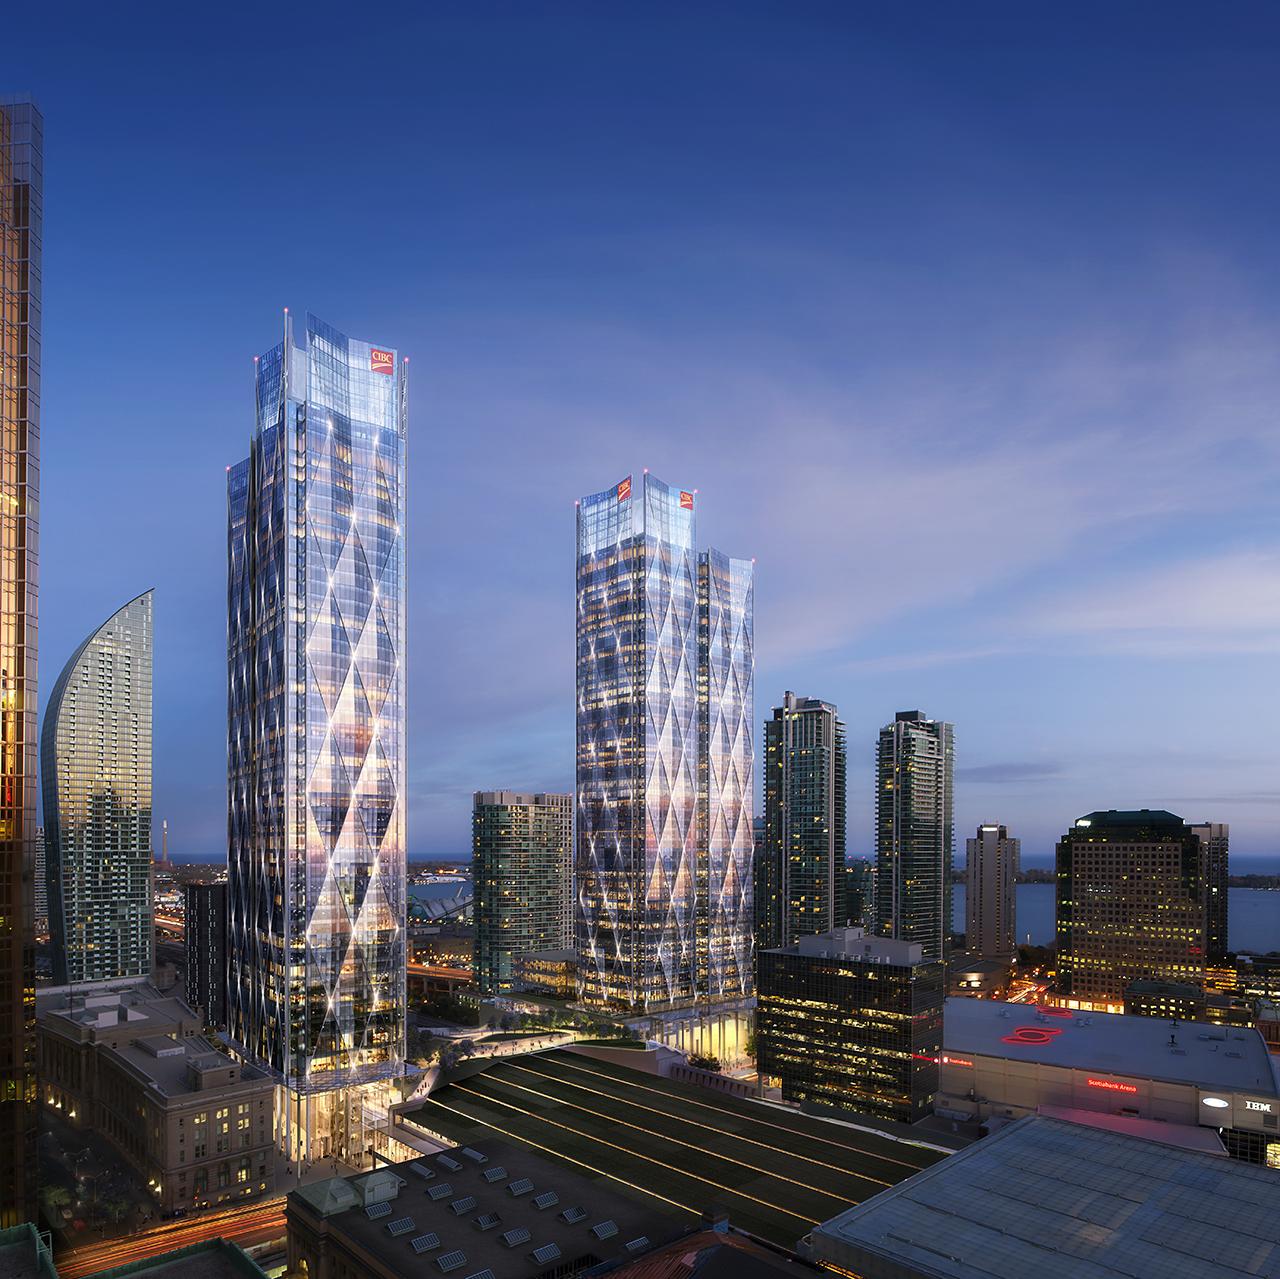 CIBC SQUARE, Hines,Ivanhoé Cambridge, WilkinsonEyre, Adamson Associates, Toronto